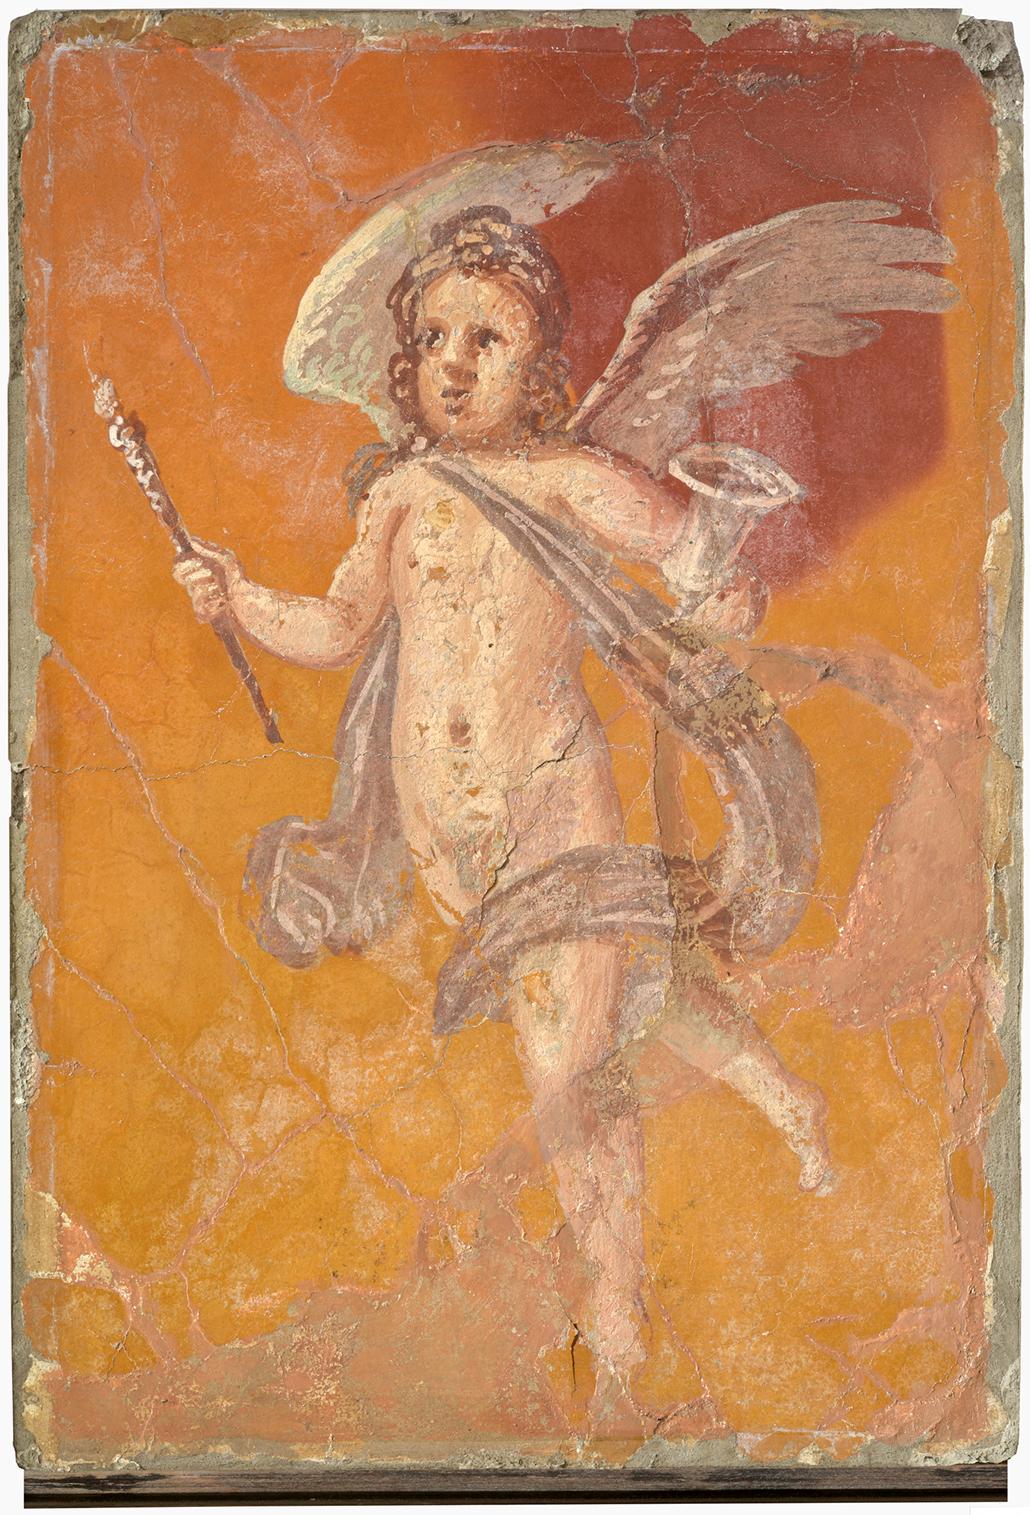 Cupid, Roman, Fresco, H35.2xW24.8xD4.1 cm, courtesy Museo Archeologico Nazionale di Napoli Photo Giorgio Albano